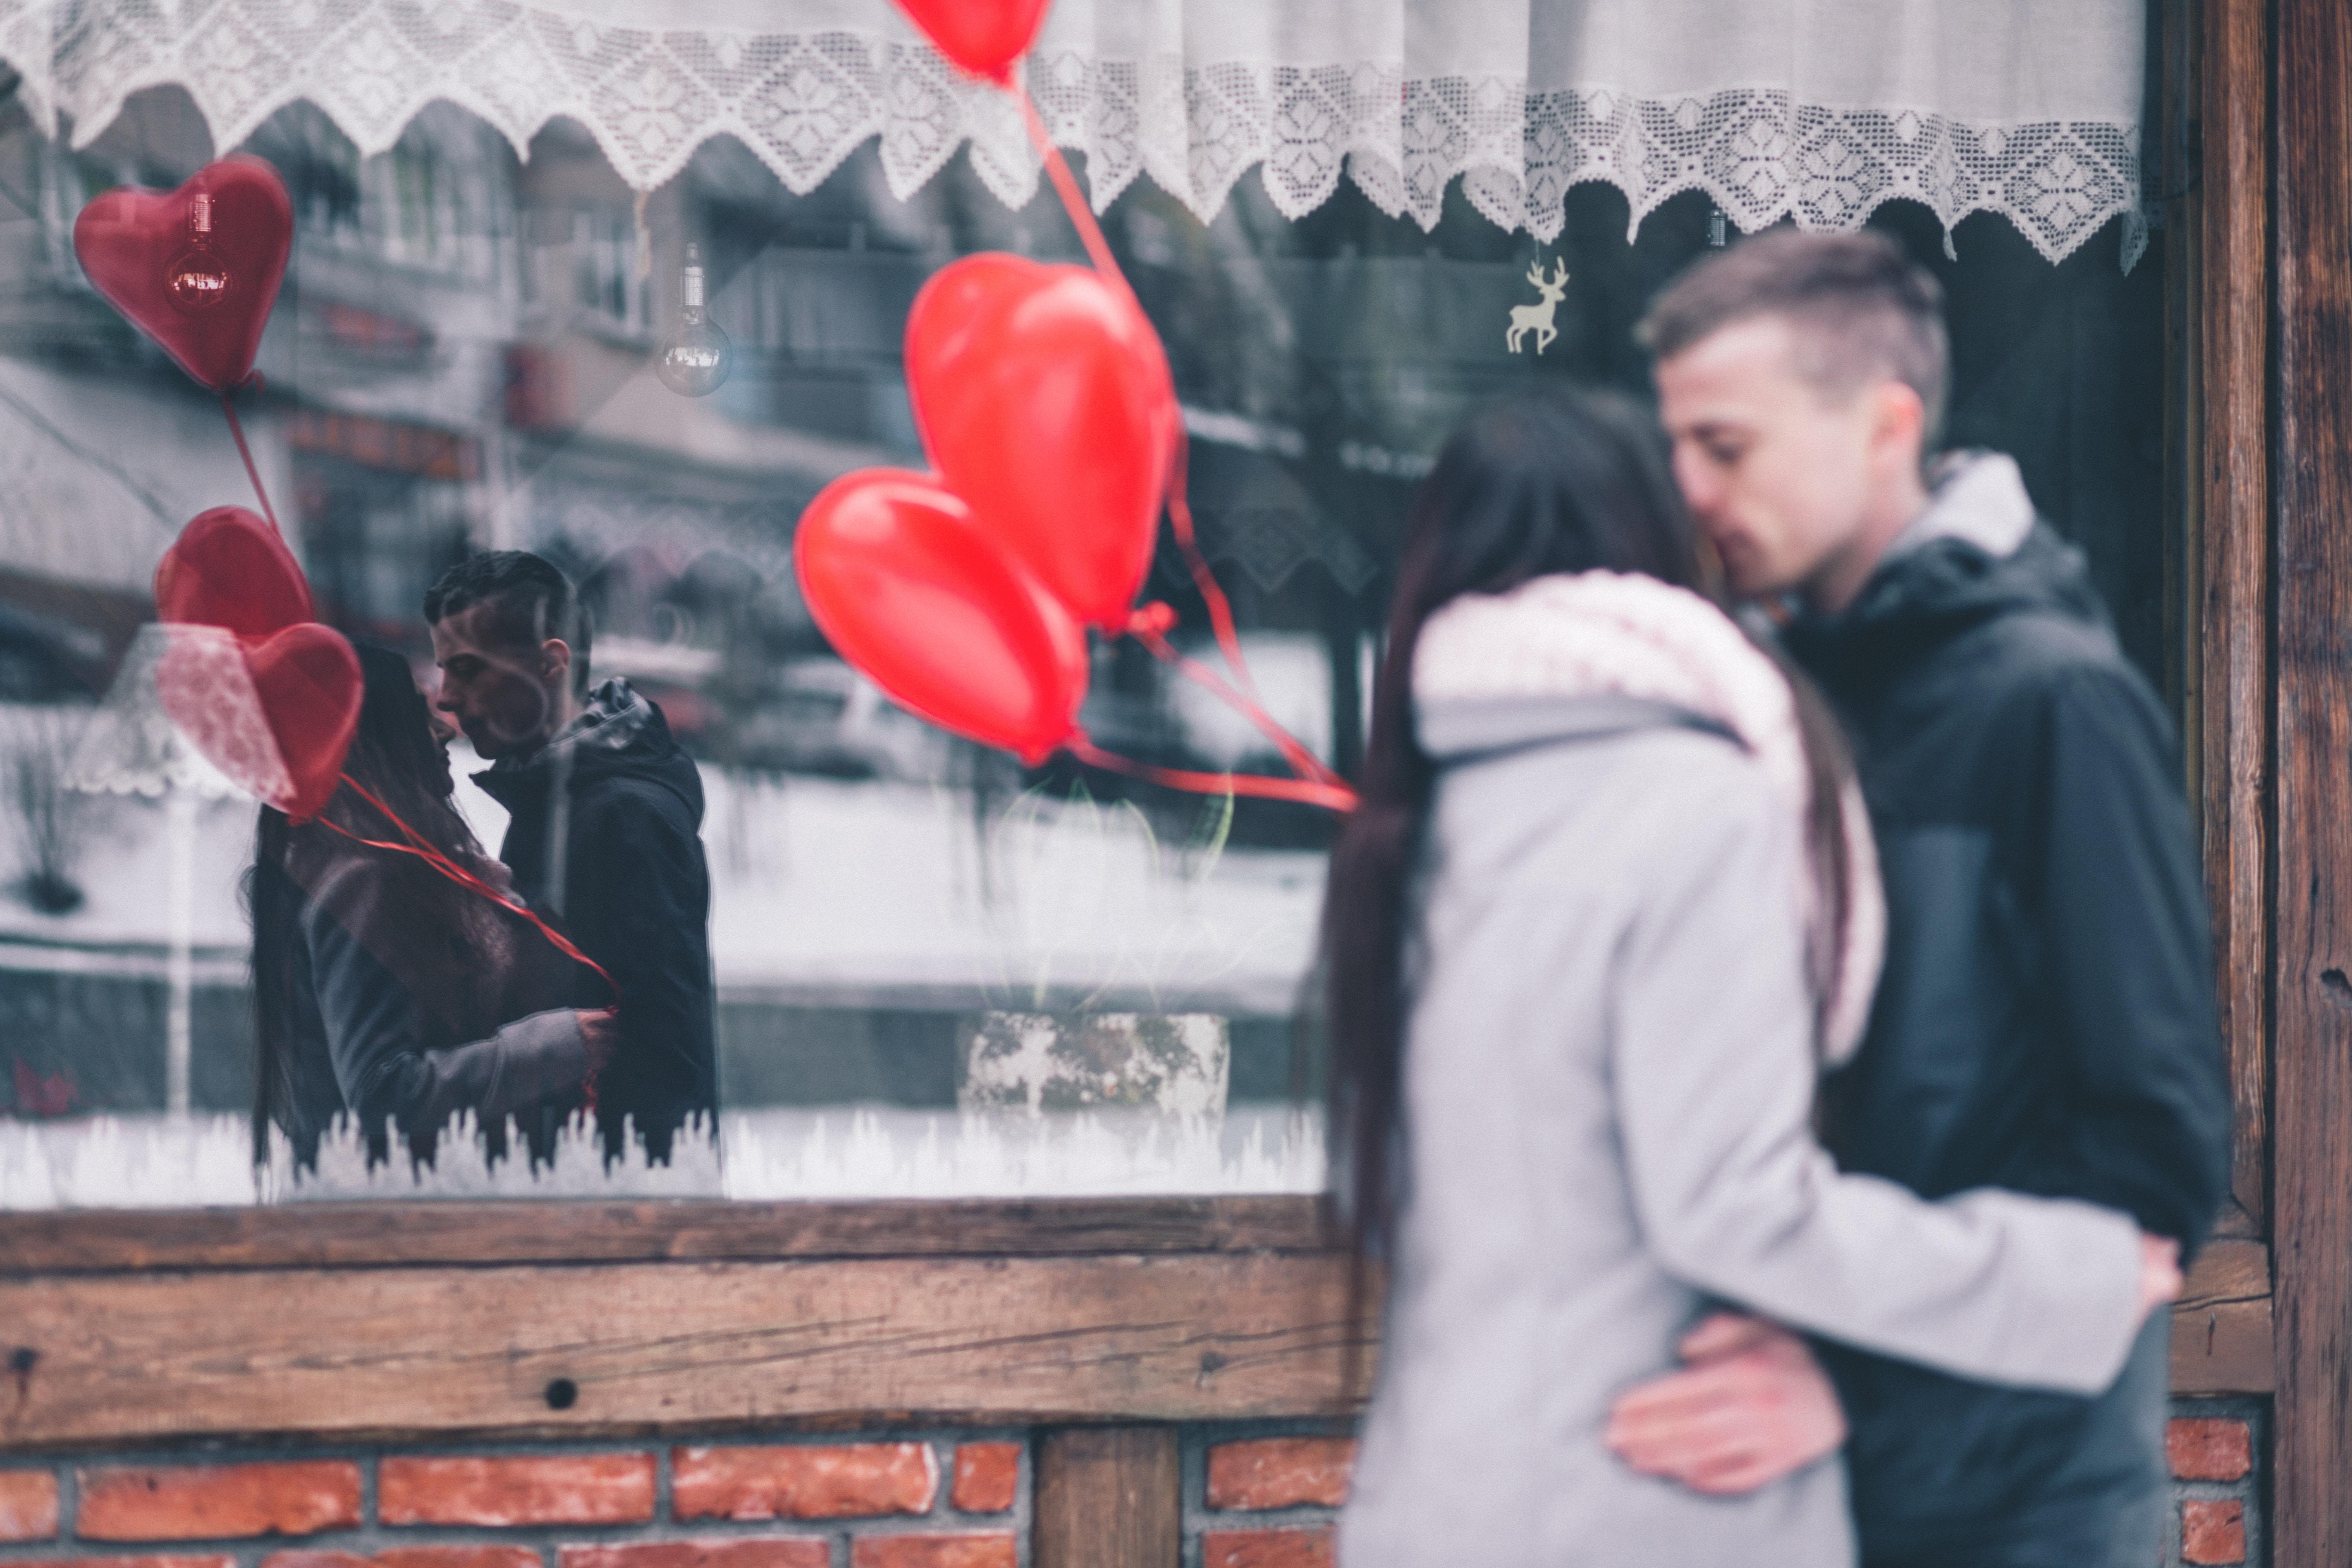 6 dấu hiệu cho thấy rất có thể chàng của bạn đang tơ tưởng đến người khác - Ảnh 1.